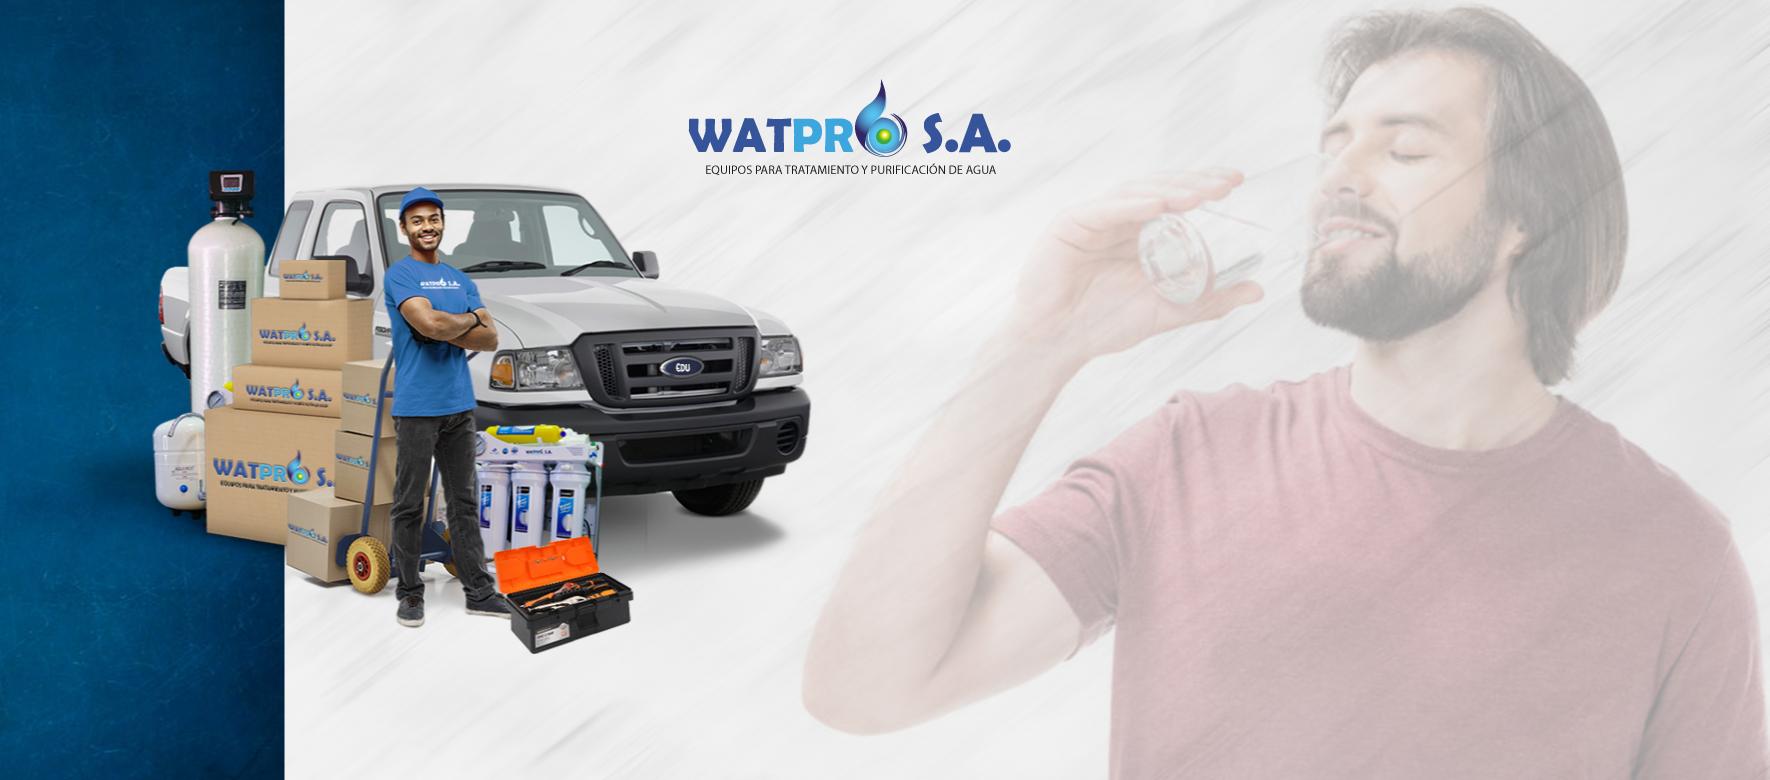 Purificadores de Agua envio a nivel nacional watpro